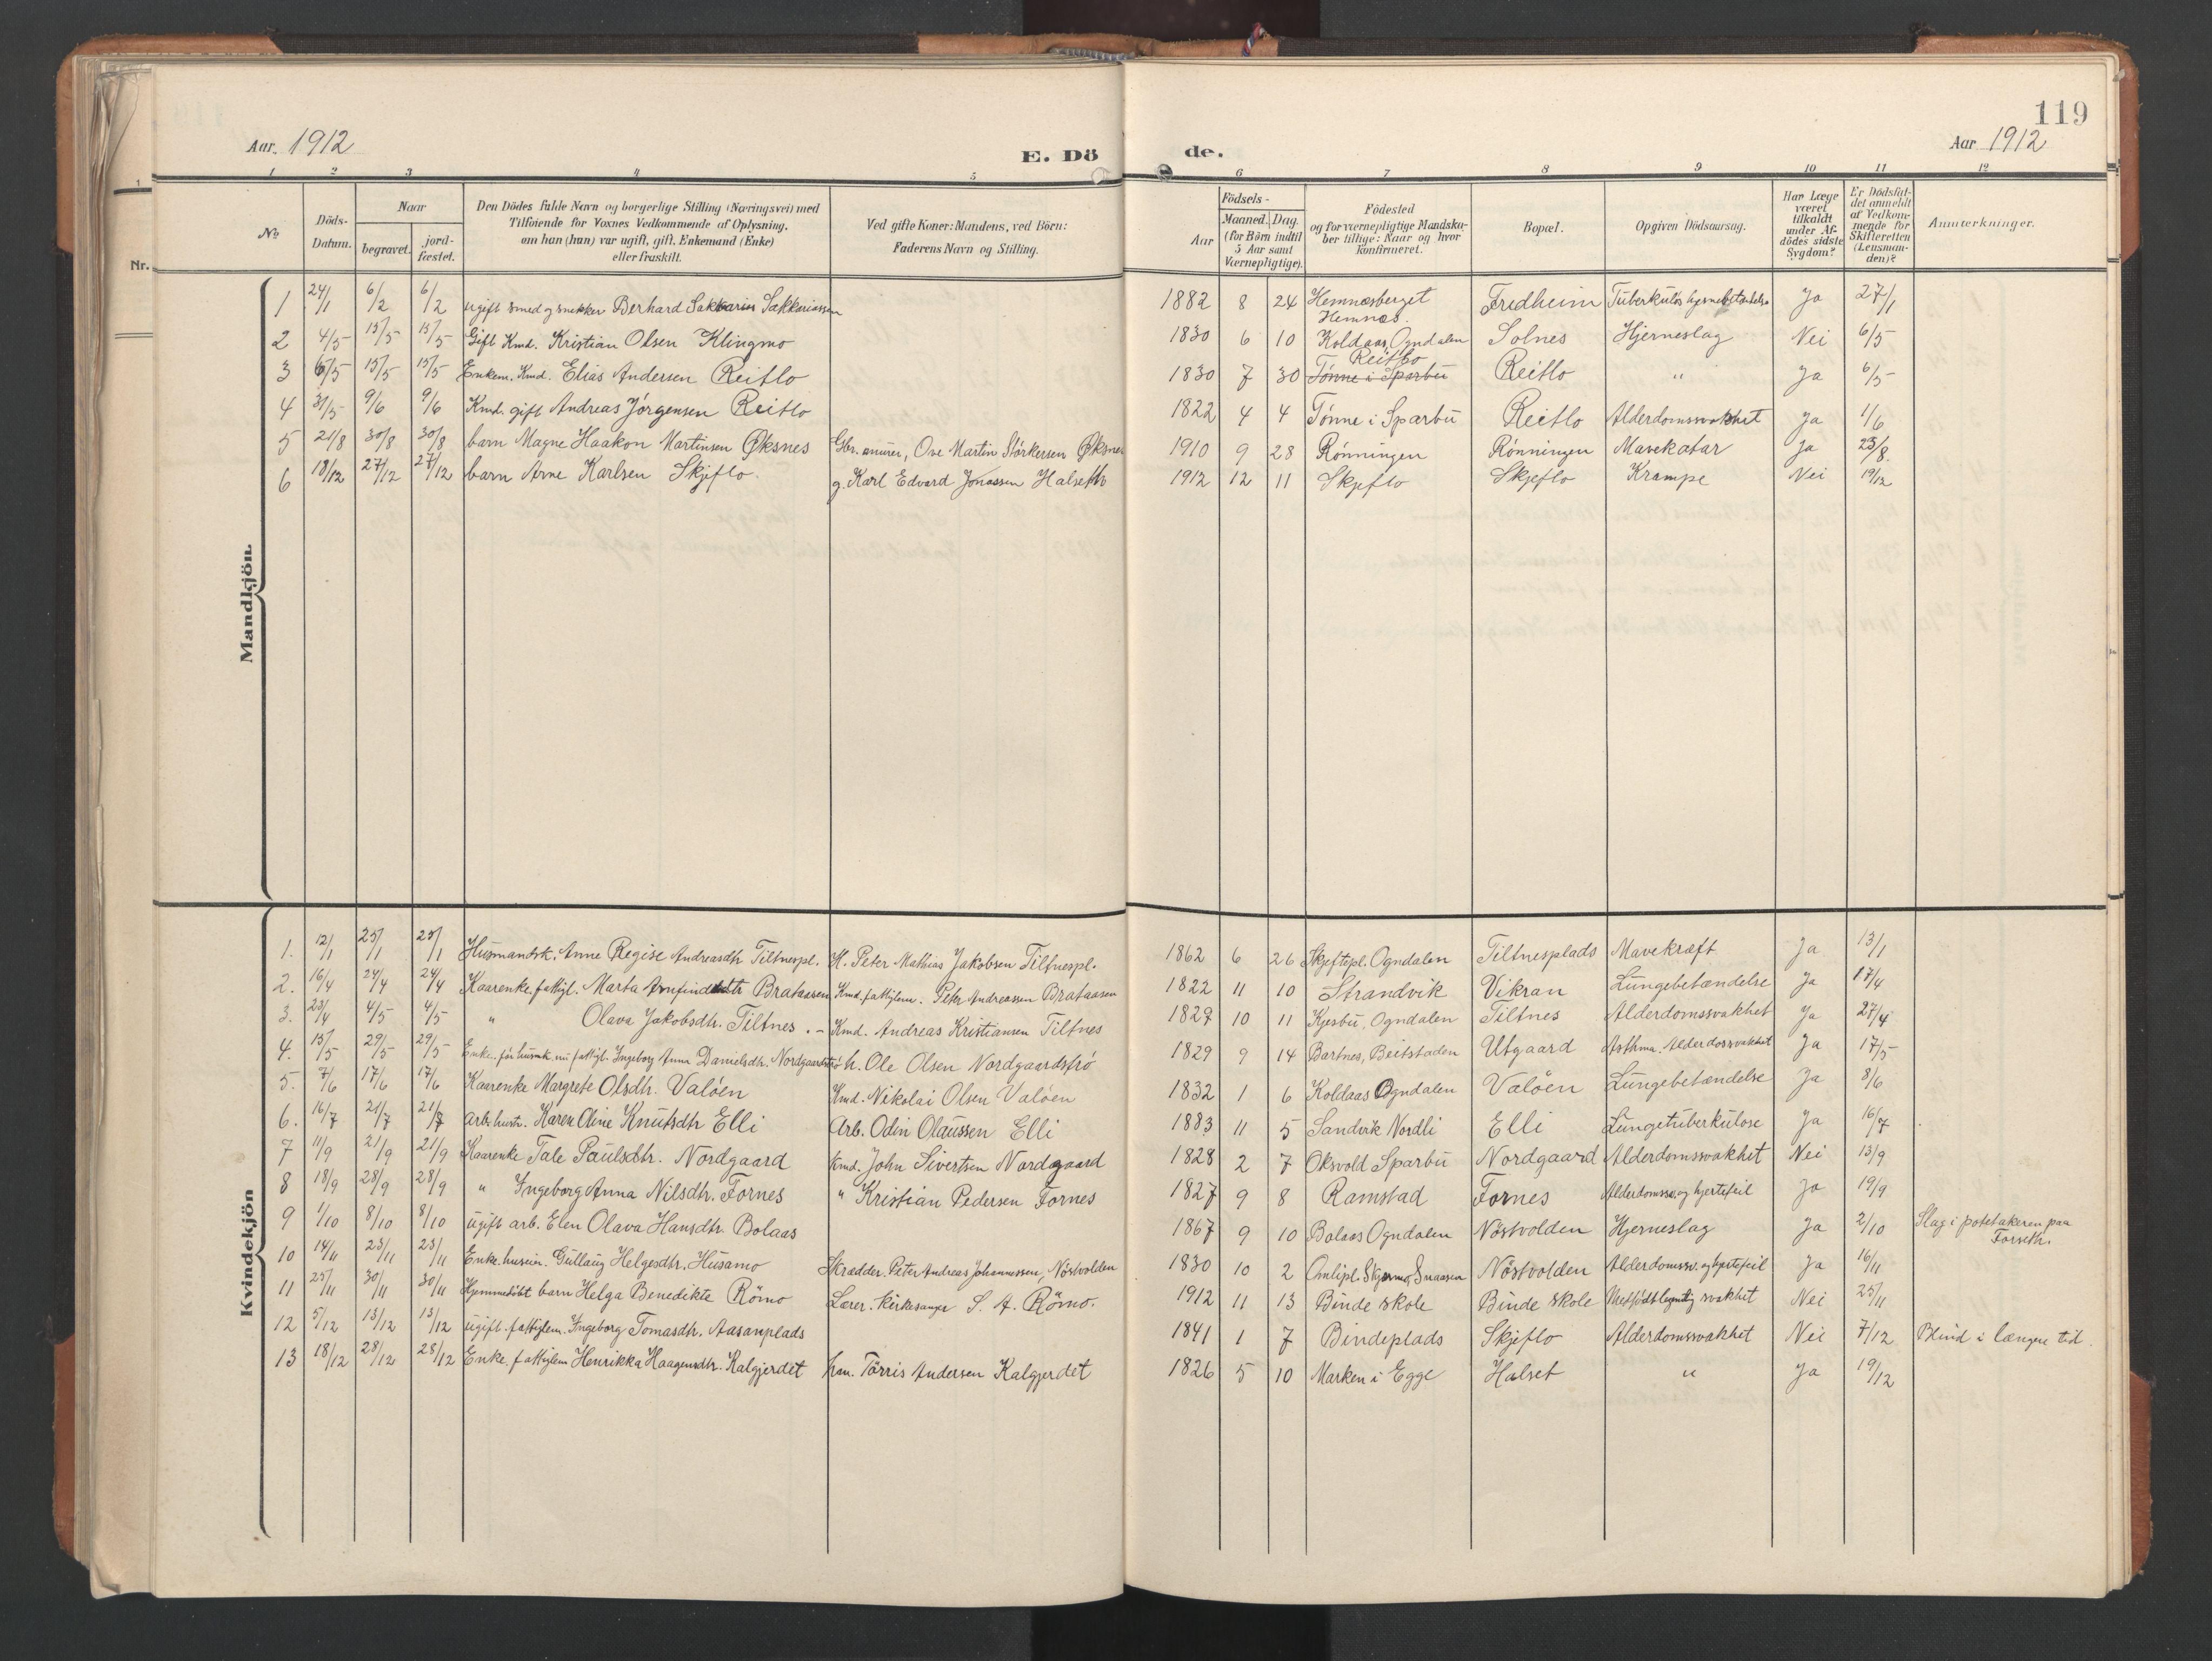 SAT, Ministerialprotokoller, klokkerbøker og fødselsregistre - Nord-Trøndelag, 746/L0455: Klokkerbok nr. 746C01, 1908-1933, s. 119